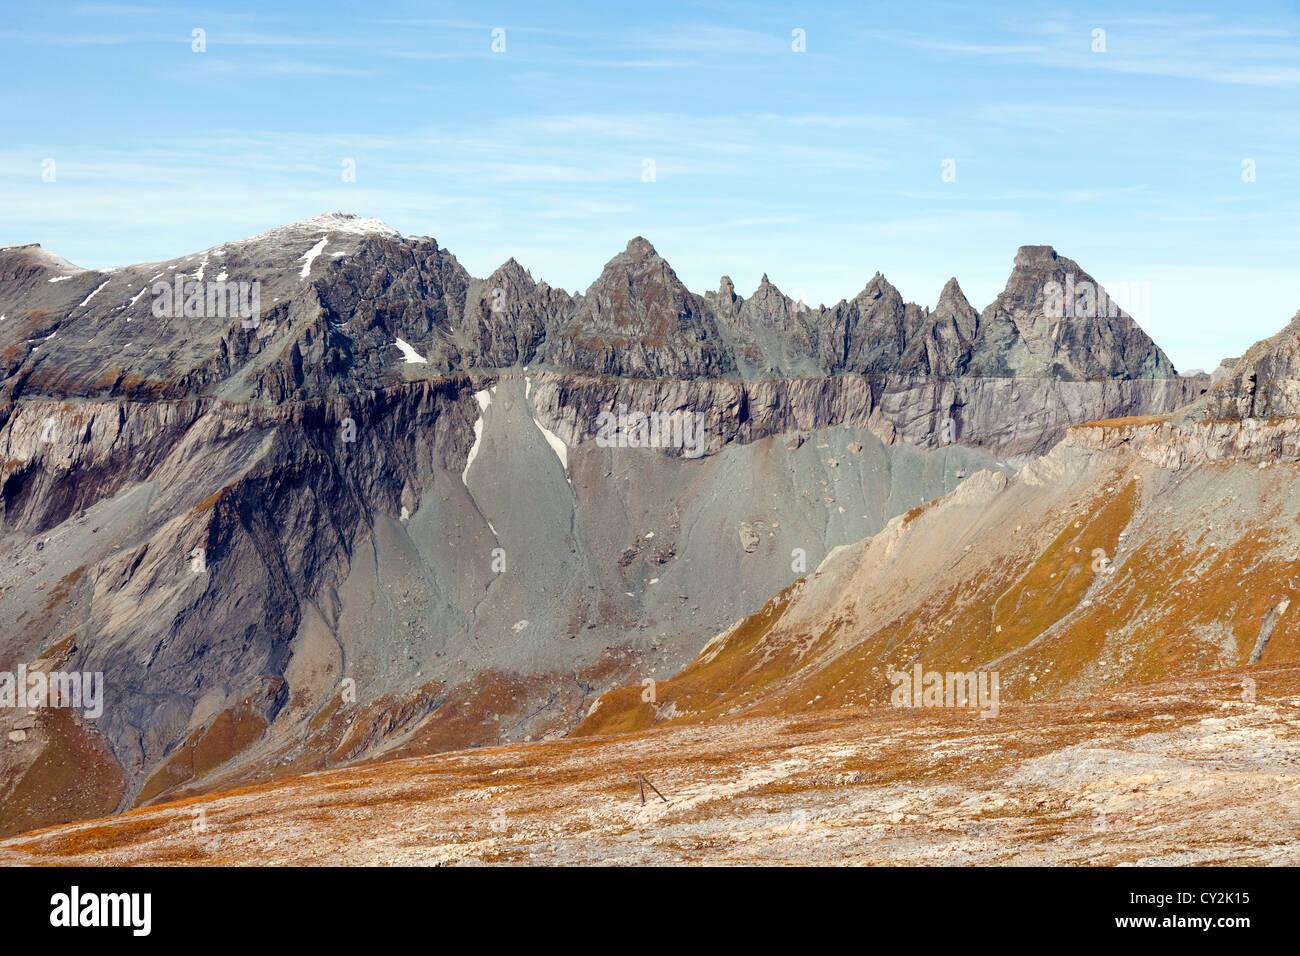 The Tschingelhorner, part of the glarus thrust UNESCO World heritage site at Flims, Switzerland, Europe - Stock Image